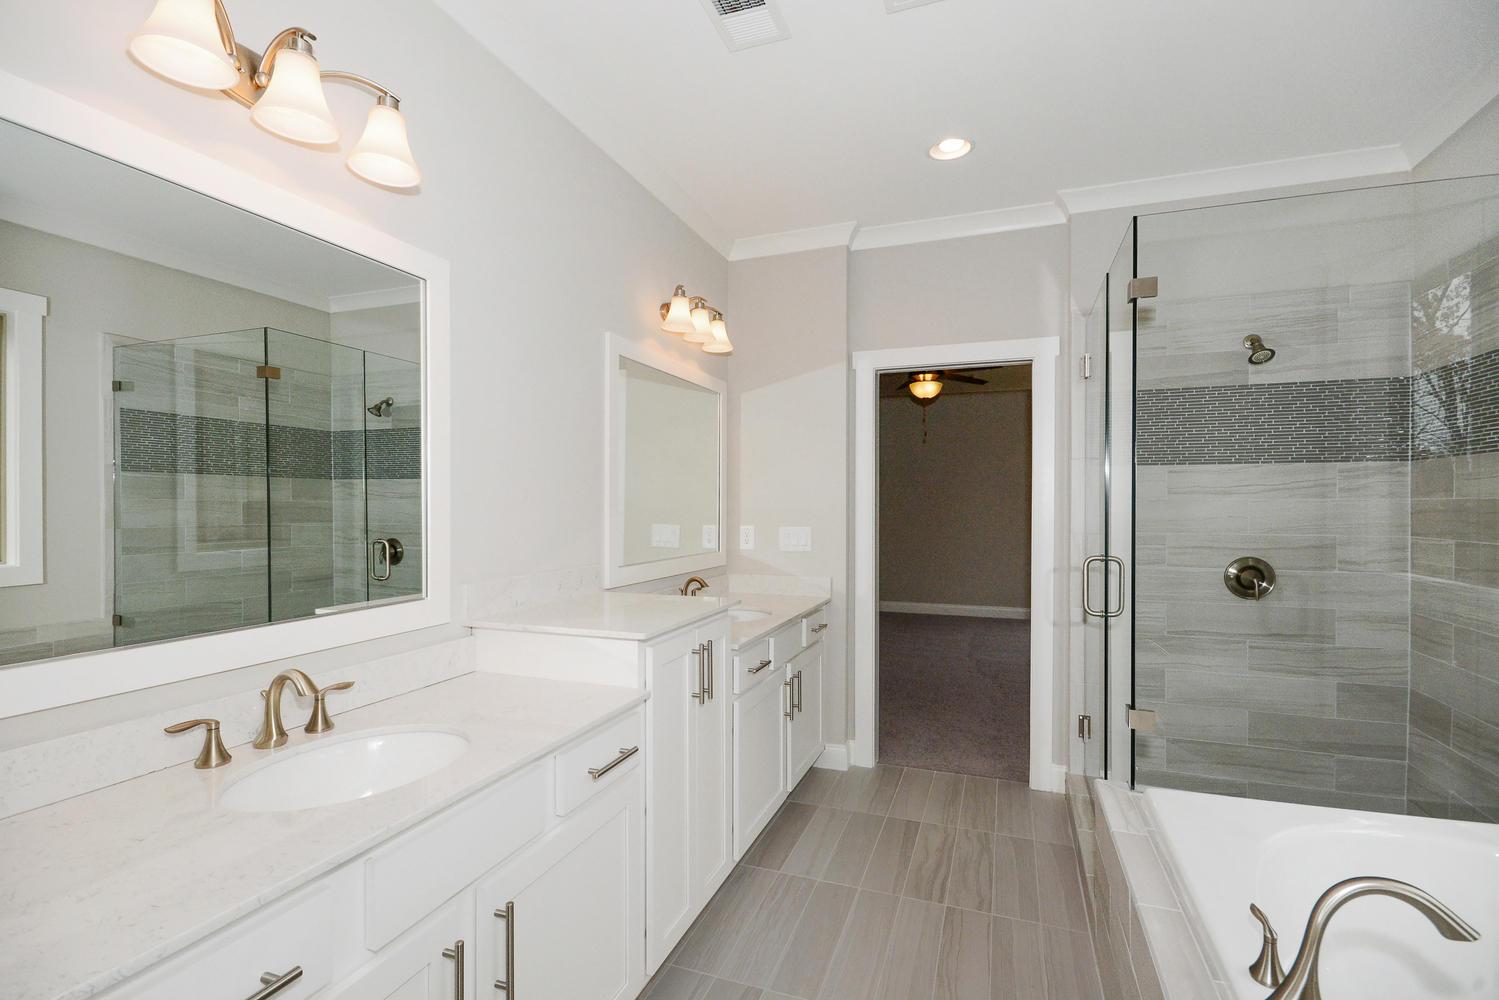 Dunes West Homes For Sale - 2919 Eddy, Mount Pleasant, SC - 15